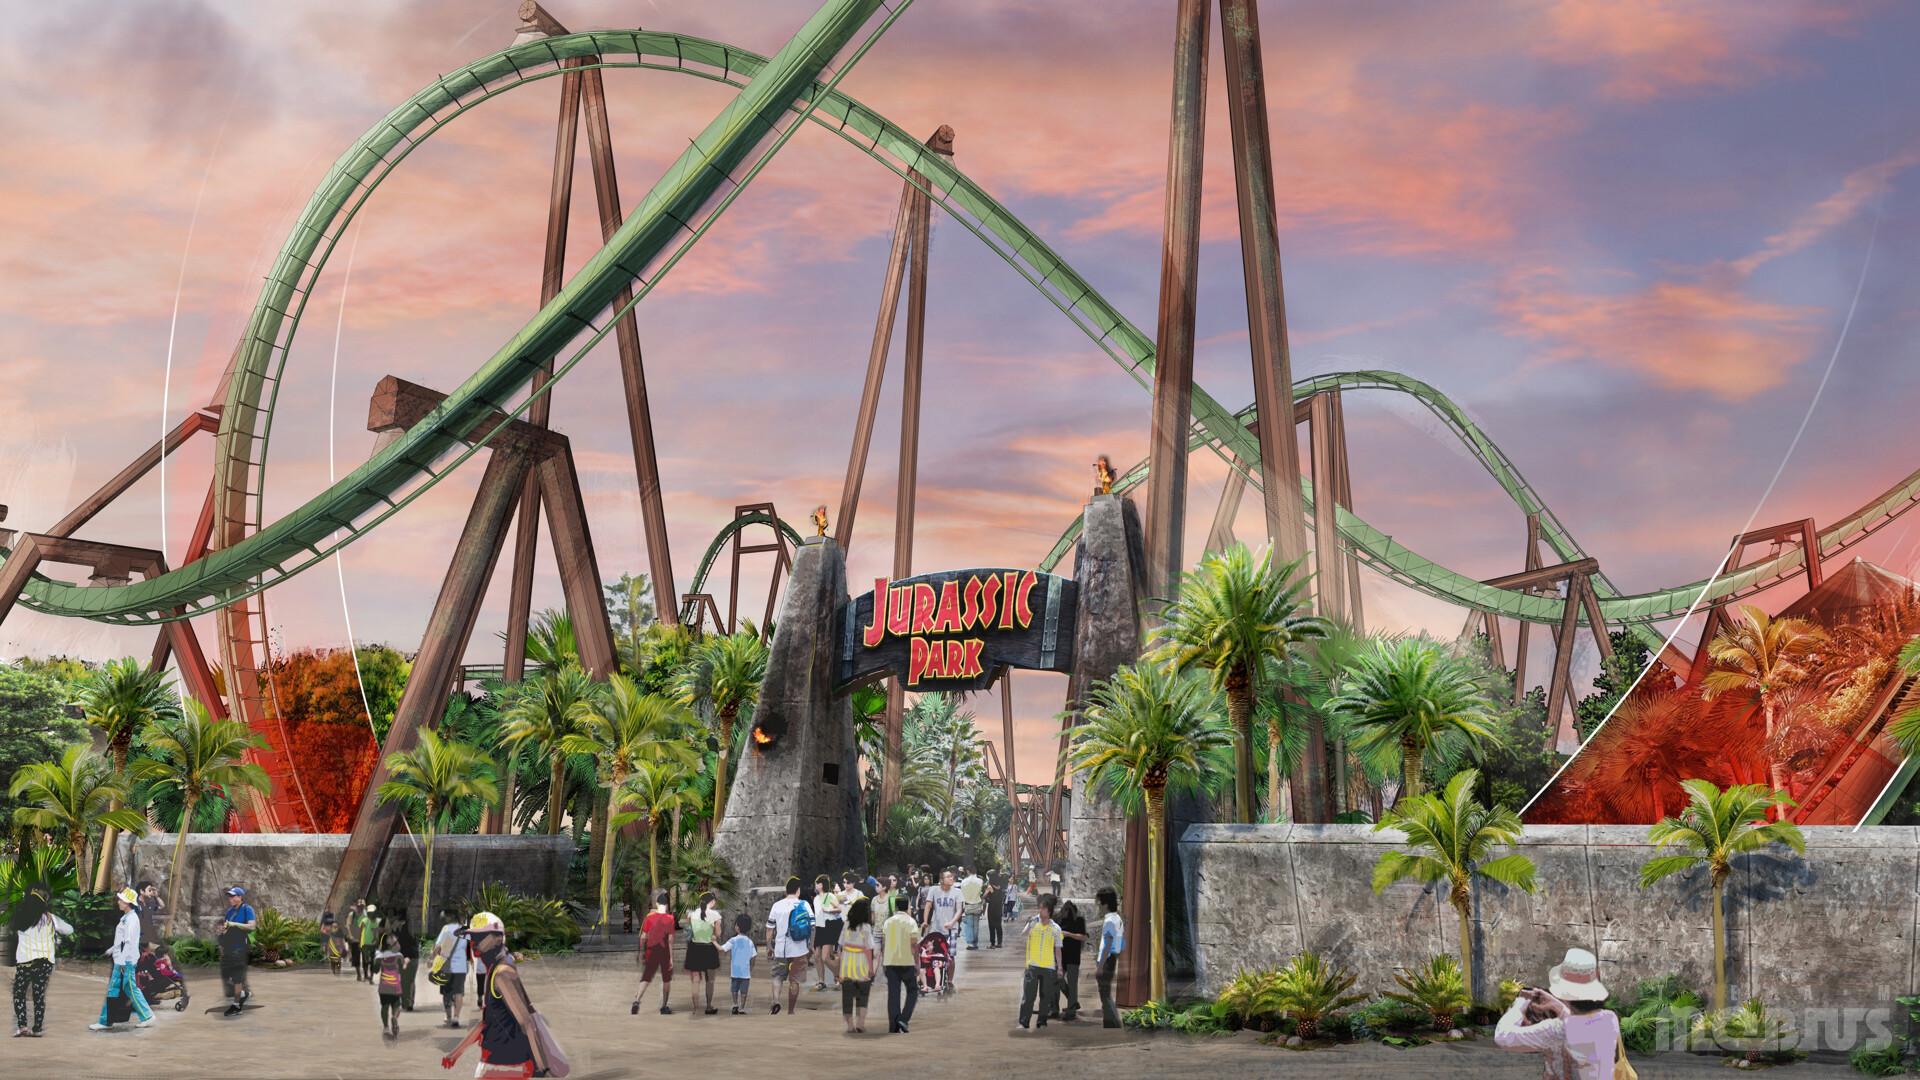 Concept artwork of Jurassic Park Land entrance